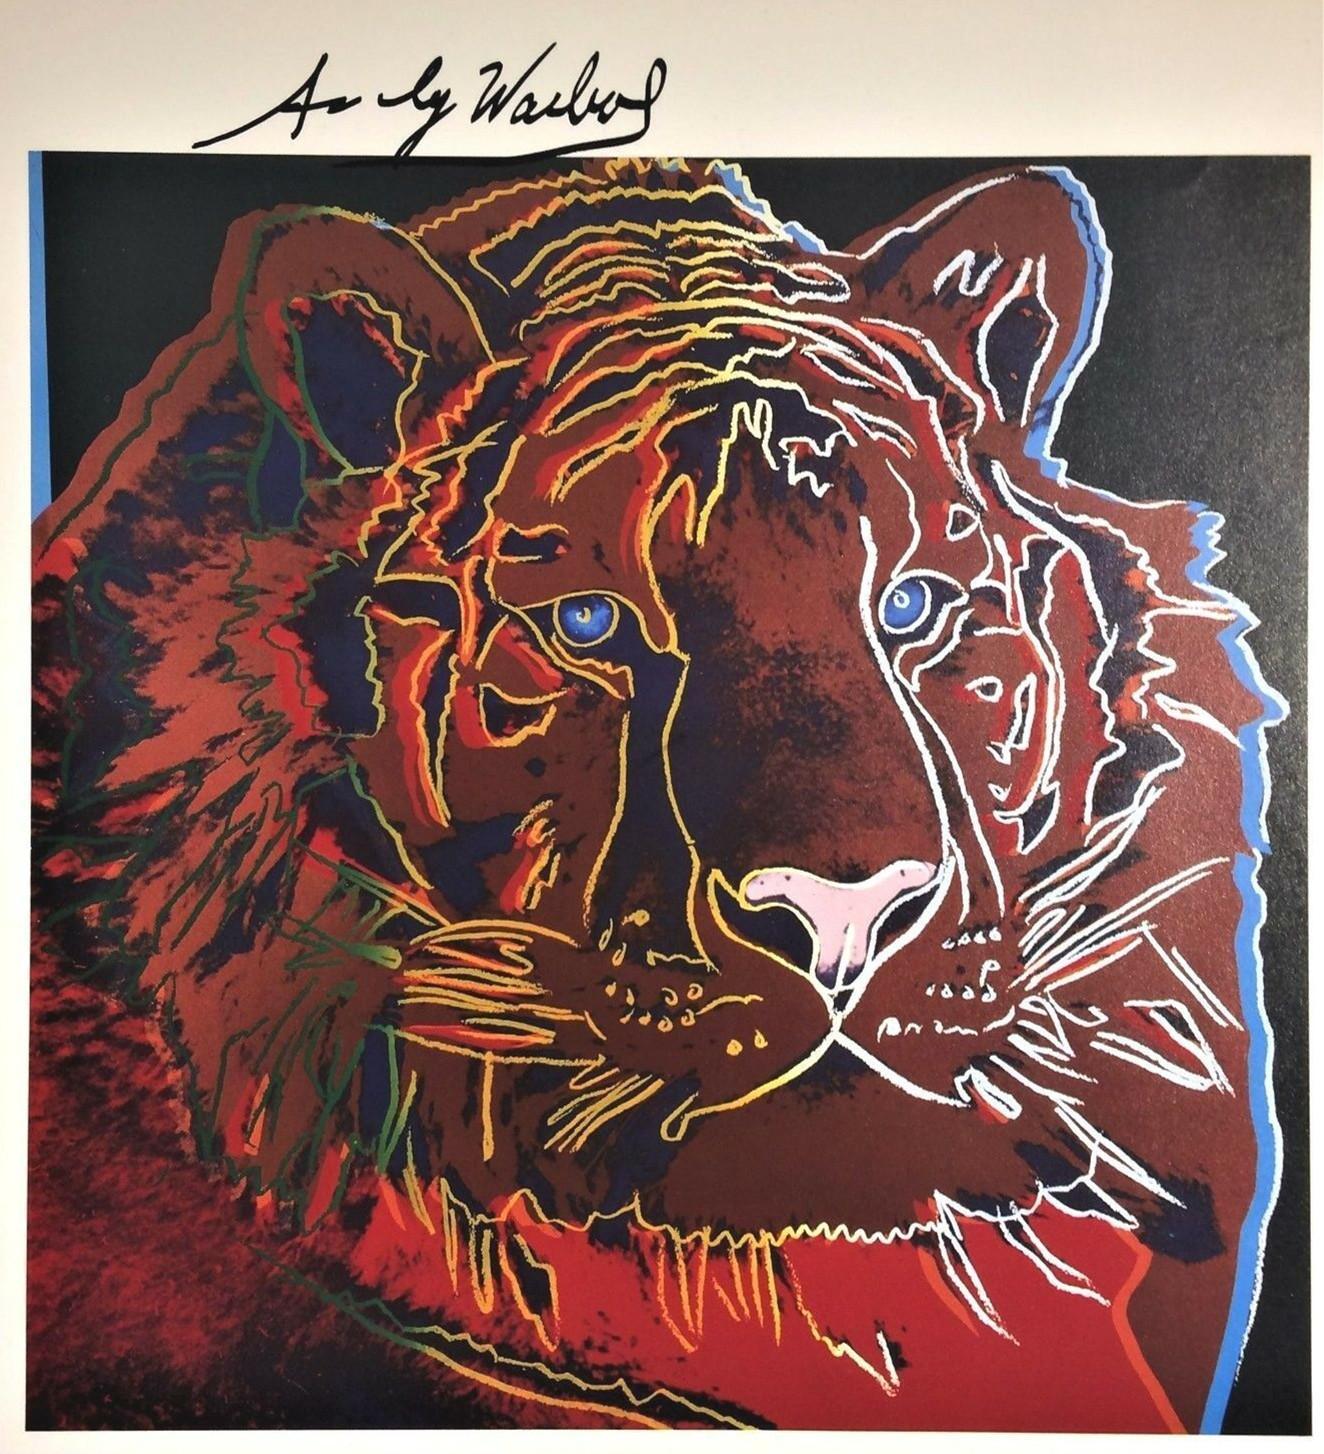 7545 tarihinde Tuval Wall Art Canvas Resimler Boyama Andy Warhol SİBİRYA KAPLAN Ev Dekorasyonu El Sanatları / HD Baskı Yağ